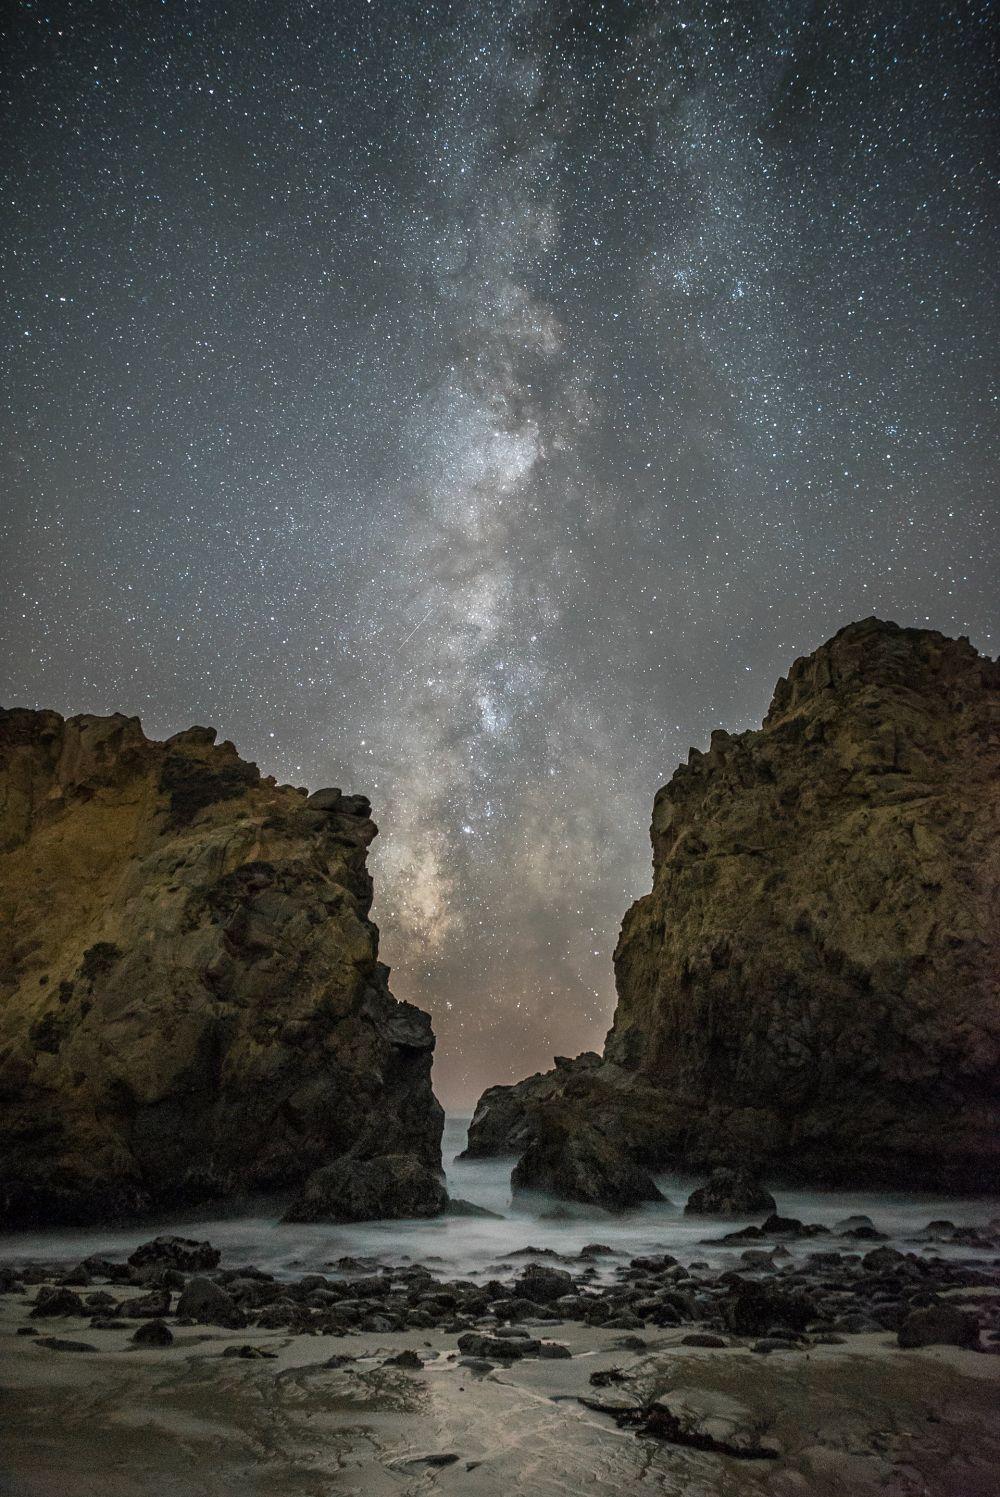 Вот фотография Млечного Пути между скалами в Калифорнии, США. Фотограф - Rick Whitacre